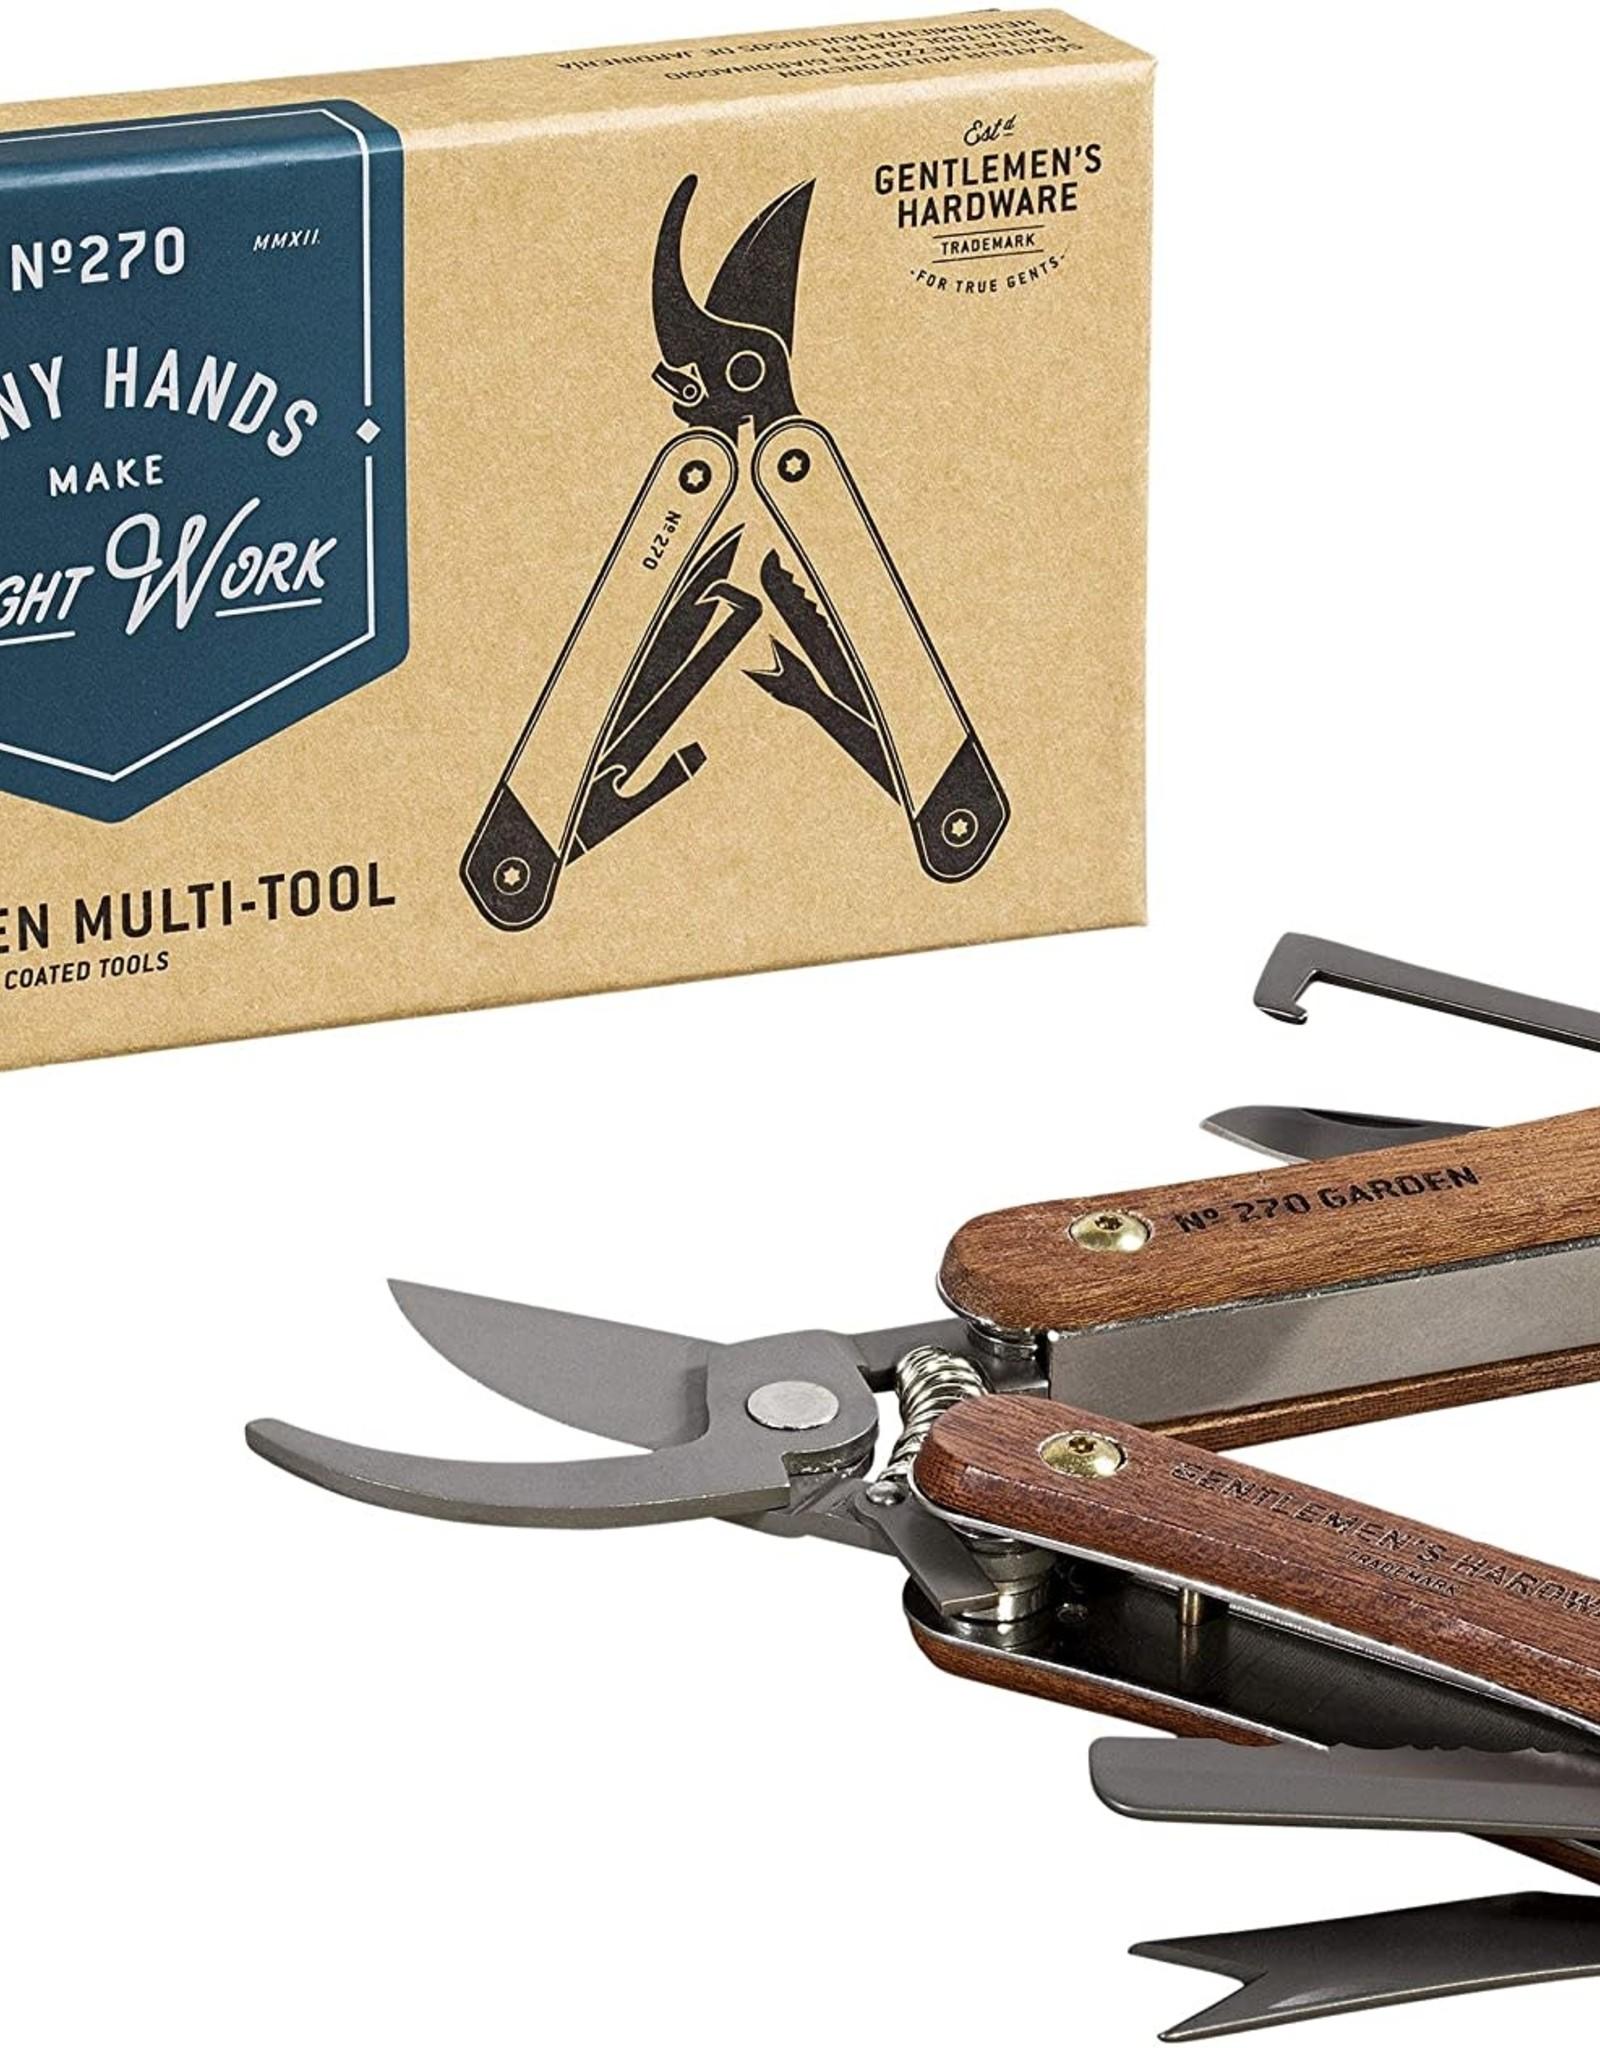 Gentlemen's Hardware Garden Multi Tool